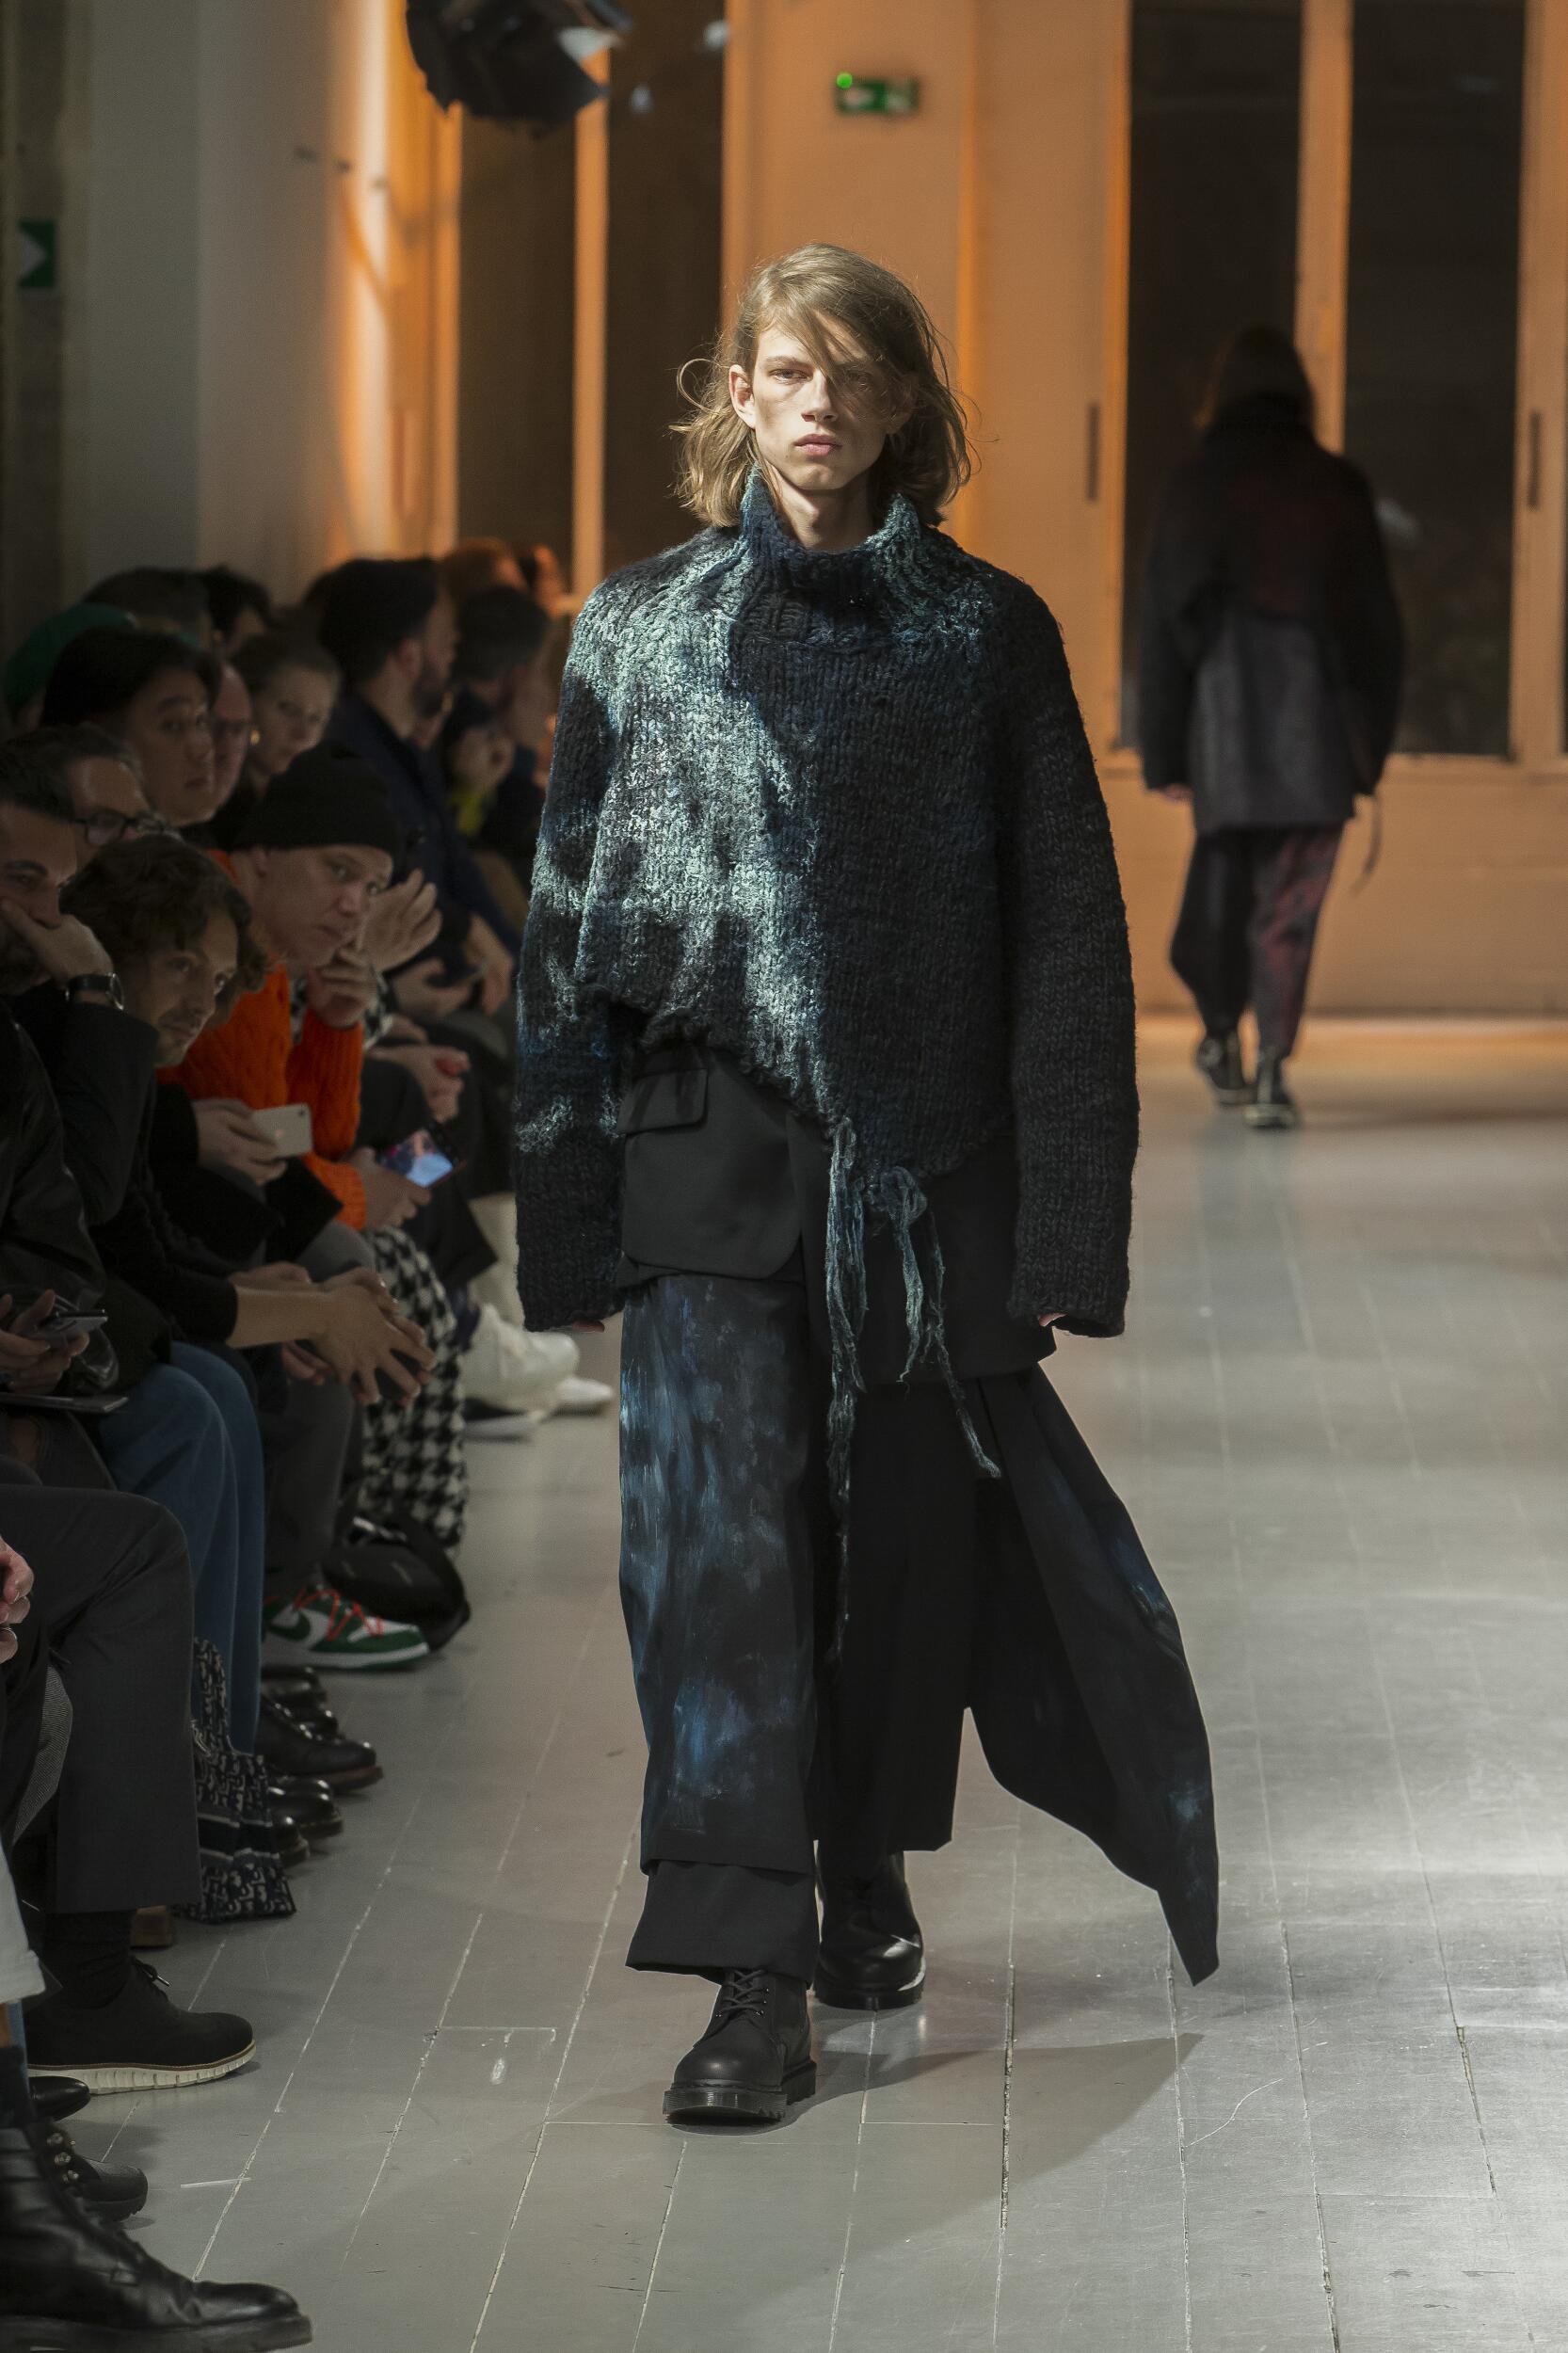 Catwalk Yohji Yamamoto Man Fashion Show Winter 2020